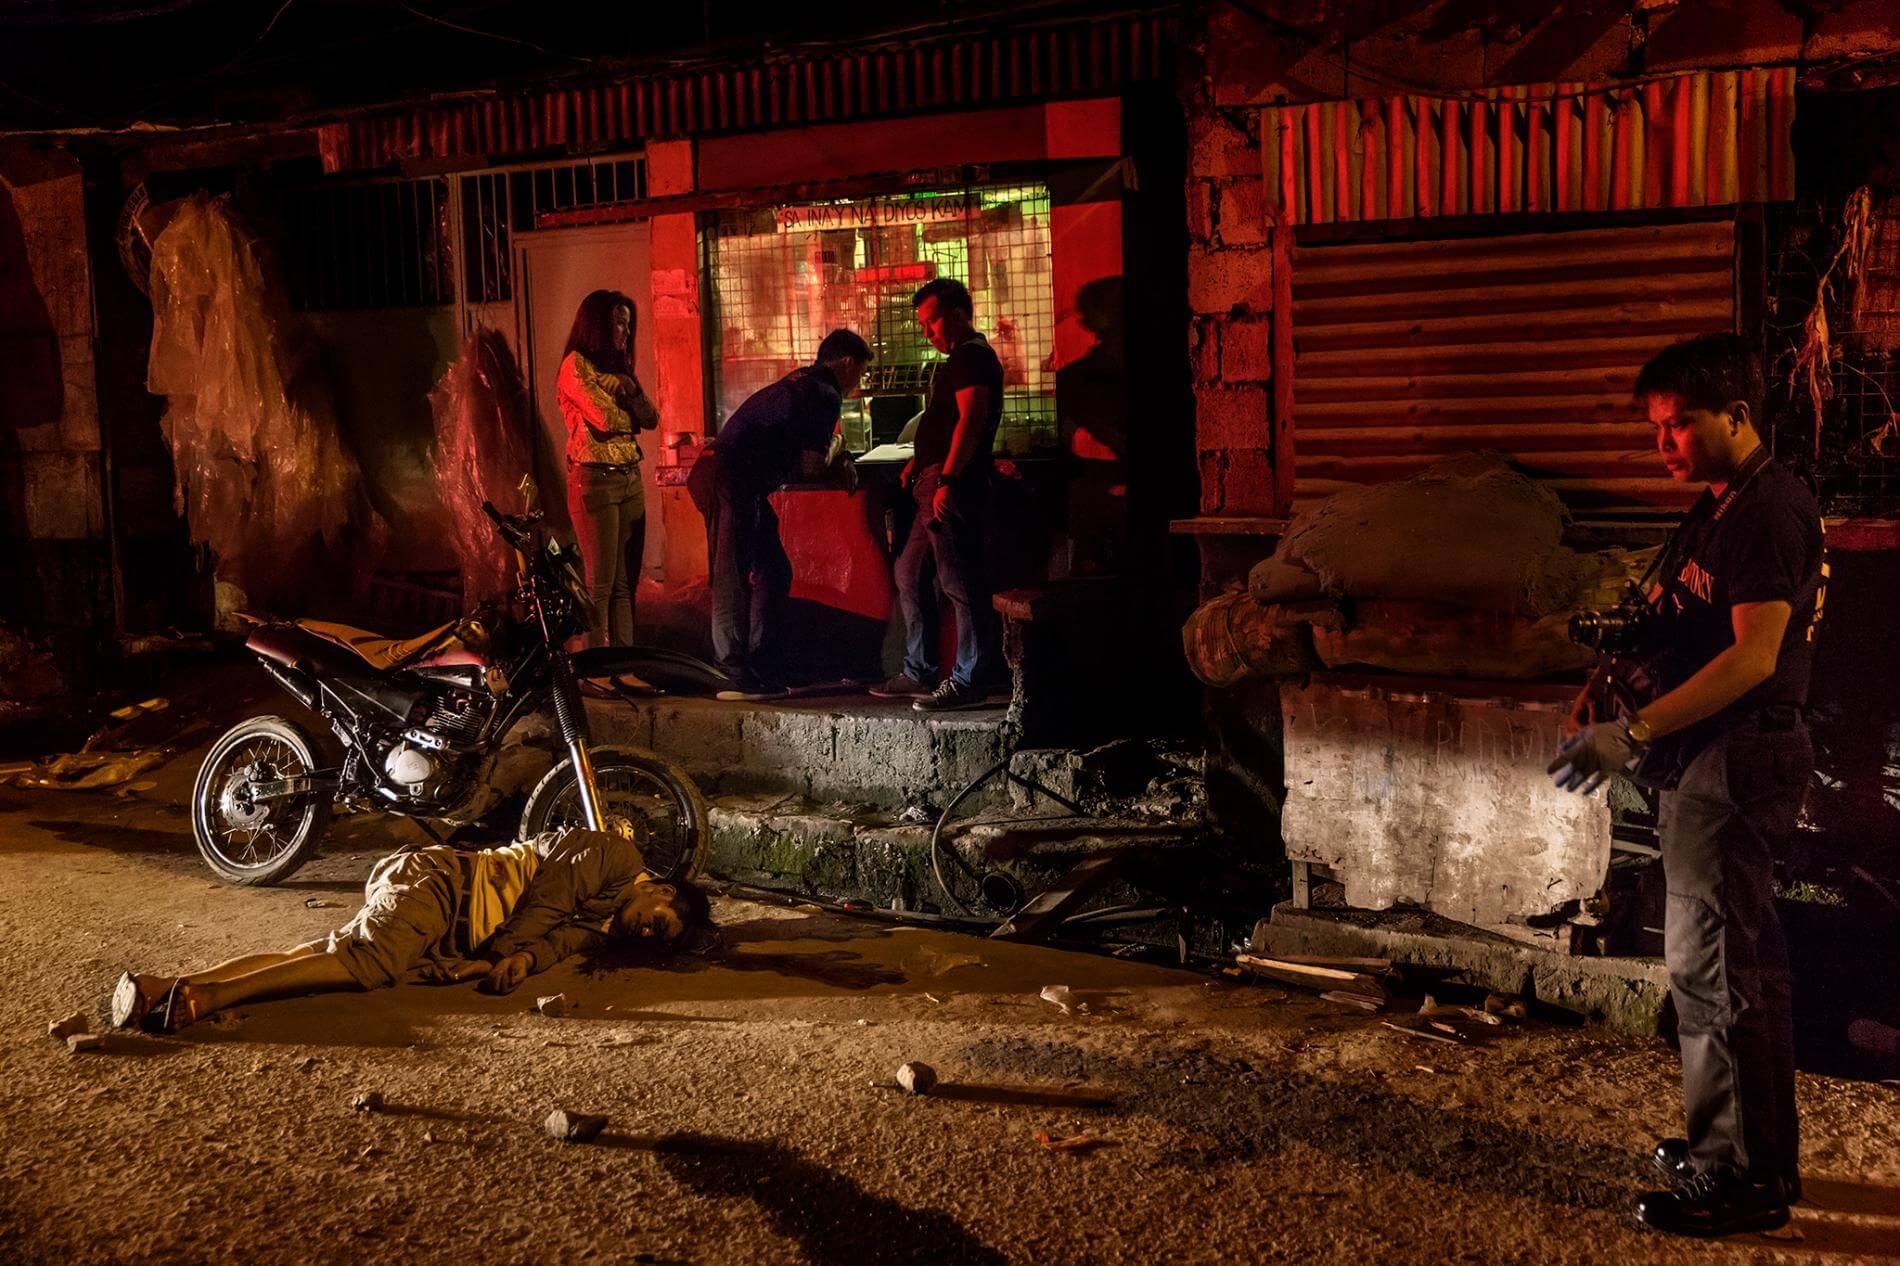 41-річний Анджеліто Лучано був місцевим офіцером громади добровольців, який допомагав міліції діяти проти наркотиків. За словами поліцейських звітів, він був убитий у тому, що, був пов'язаний із вживанням наркотиків.